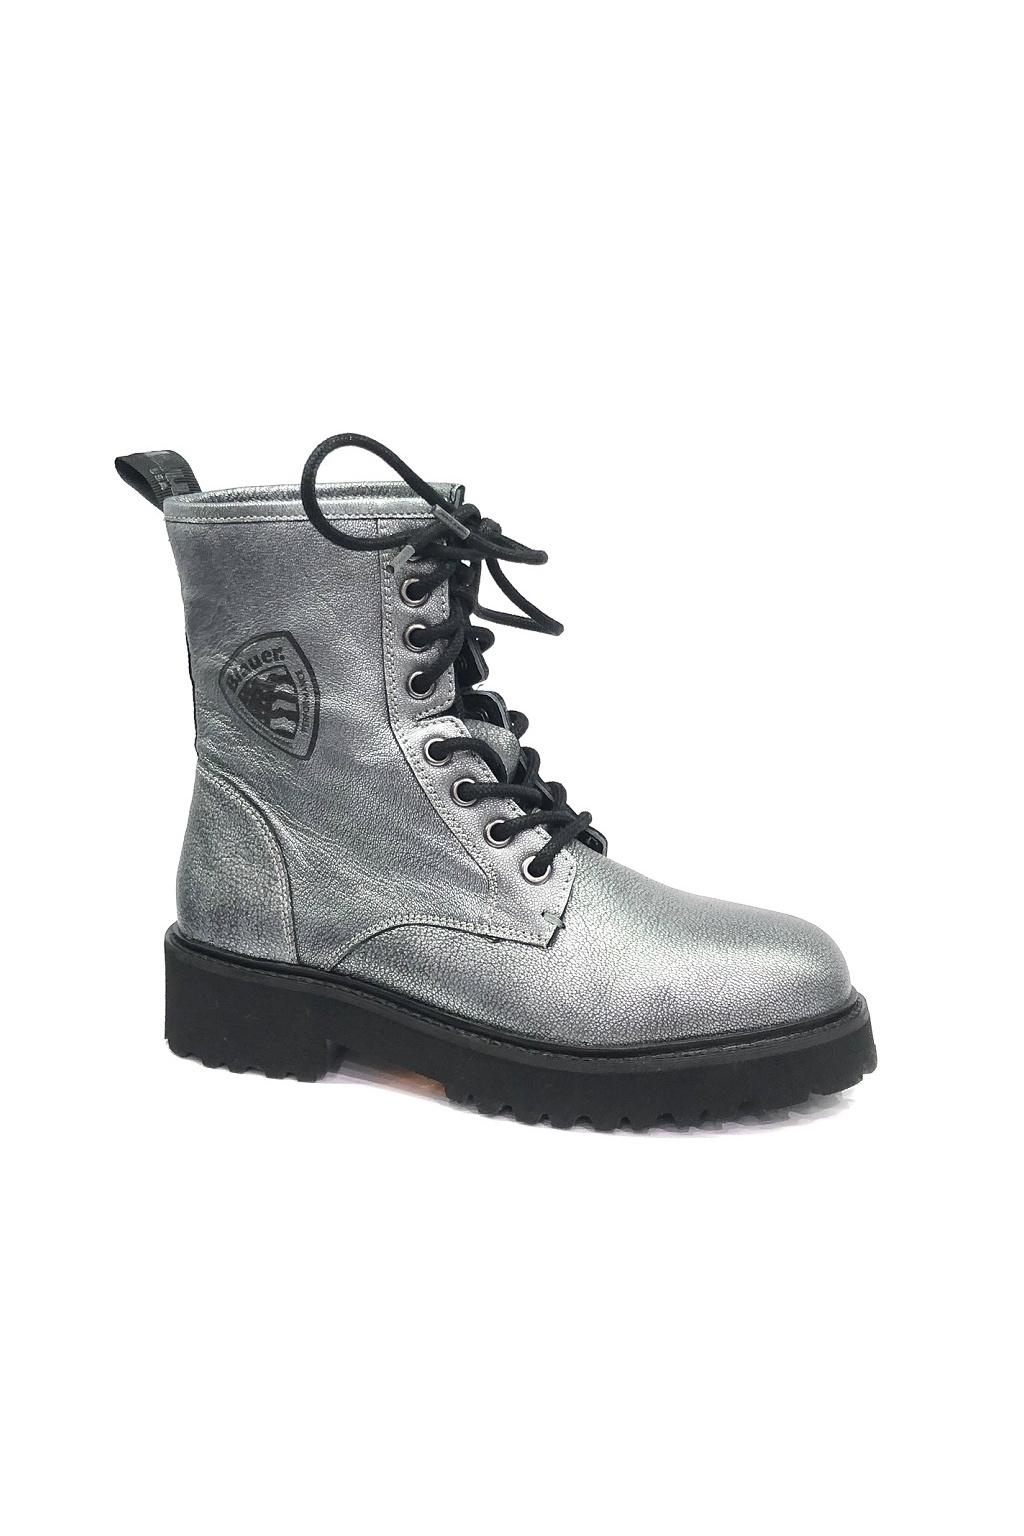 F0IRVINE01/LAM Gun Metal Dámská obuv Blauer Irvine stříbrná